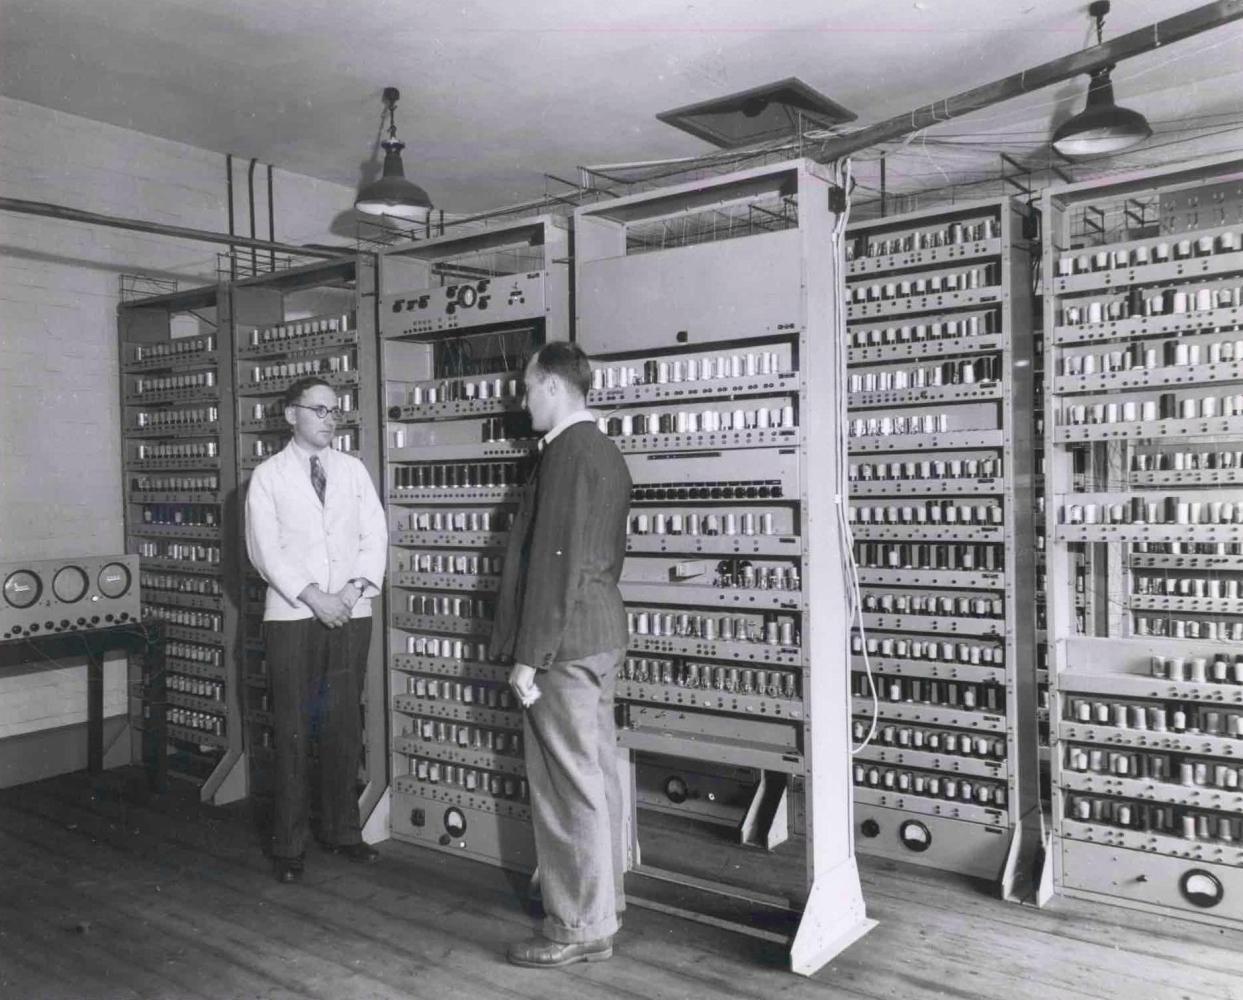 История электронных компьютеров, часть 4: электронная революция - 1